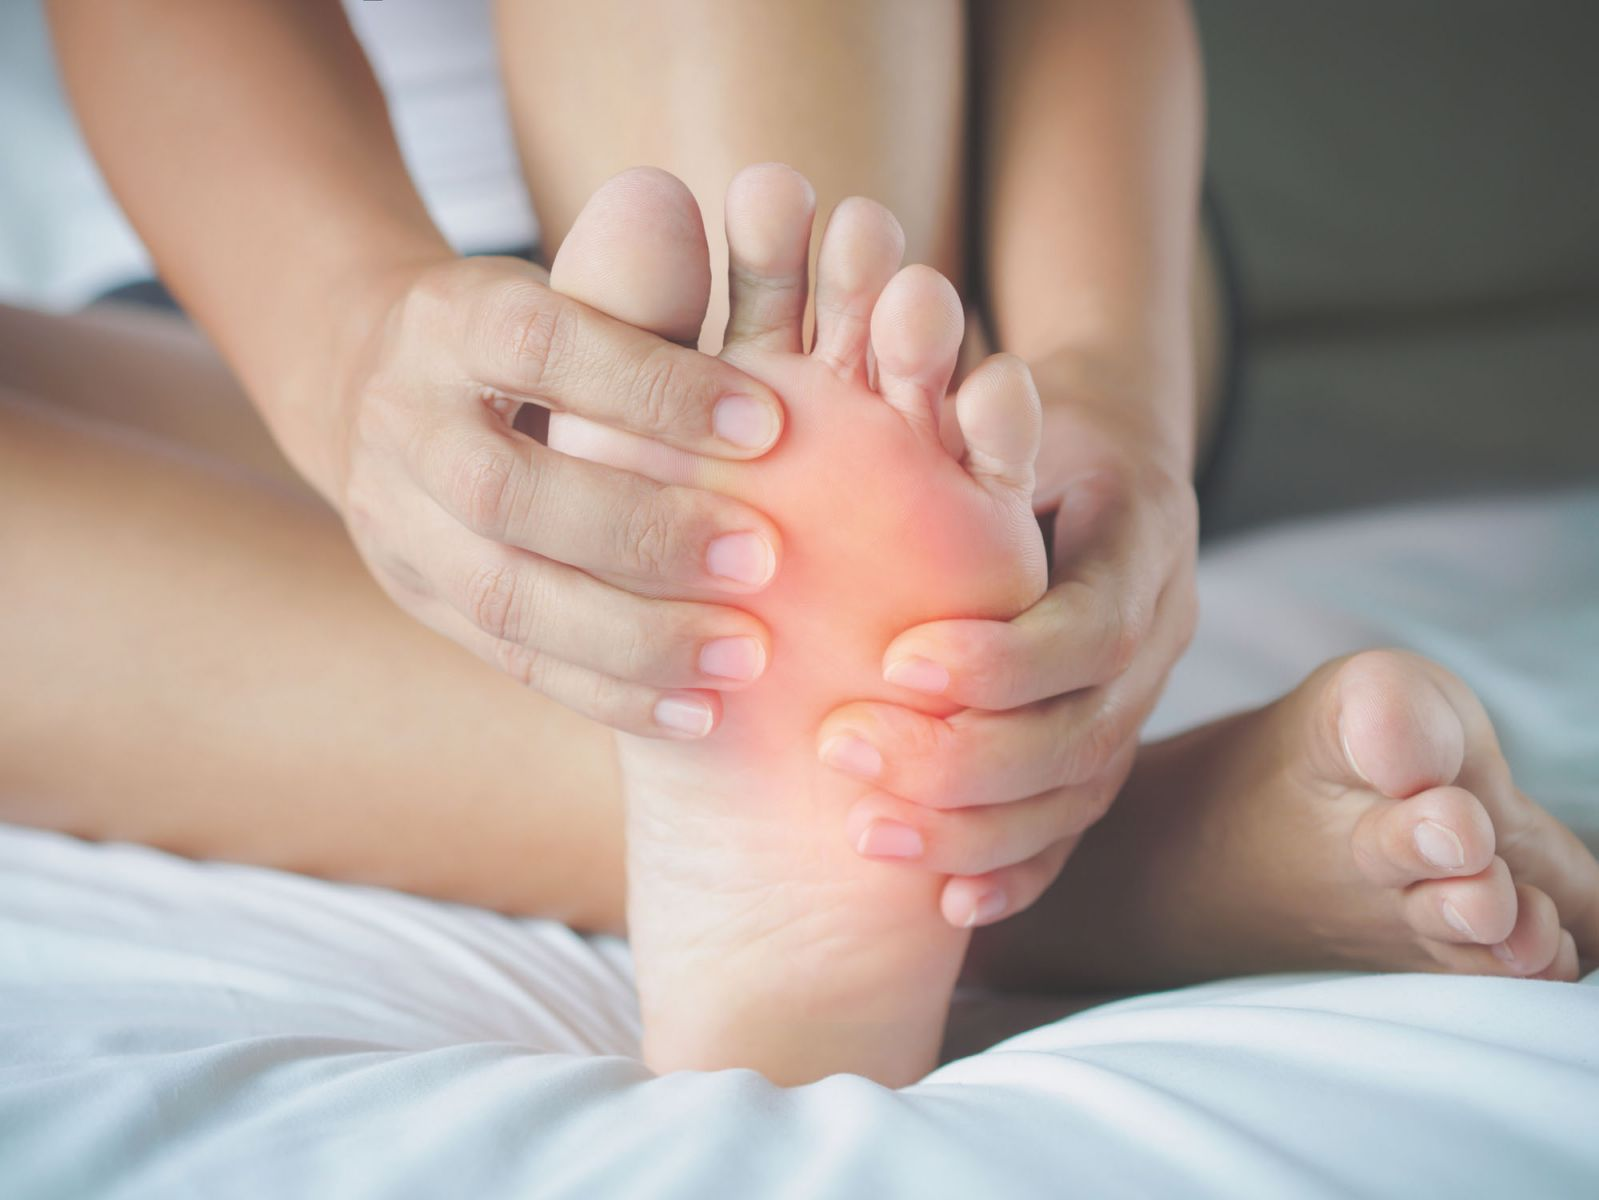 kojų patinimas hipertenzija kiek laiko galima gyventi esant 3 laipsnio hipertenzijai